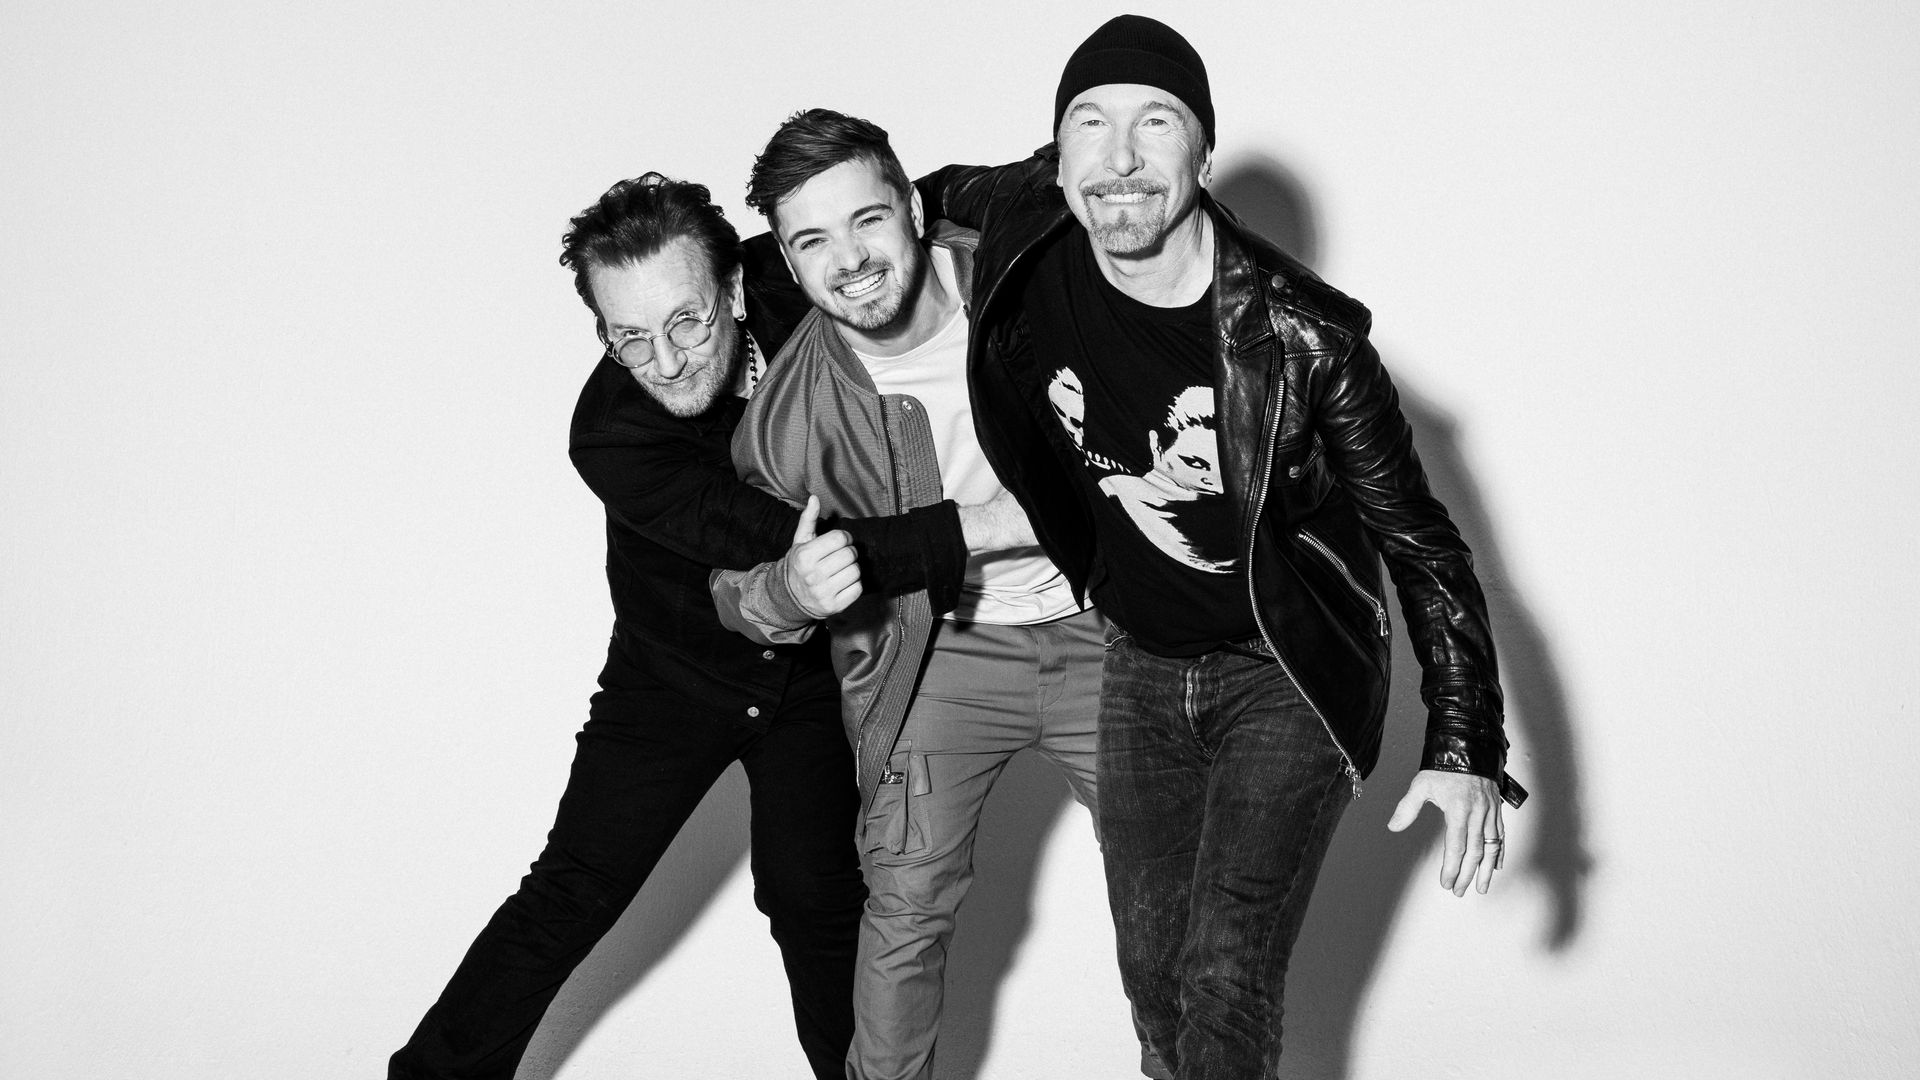 EURO 2020'nin şarkısı Bono'dan: 'We Are The People'